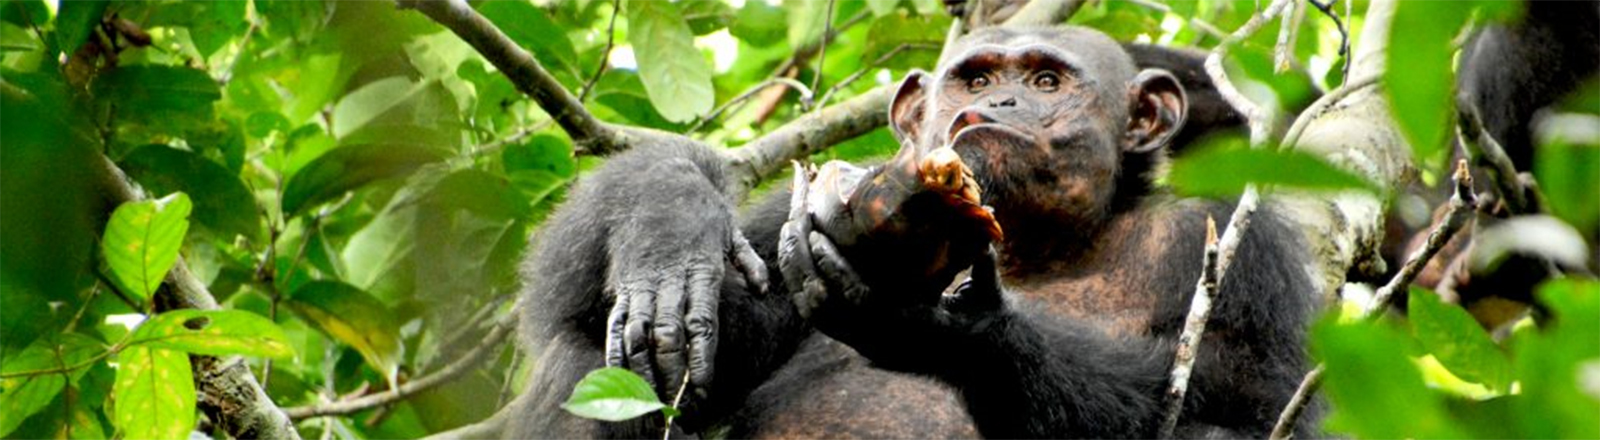 Schimpanse isst Schildkröte.